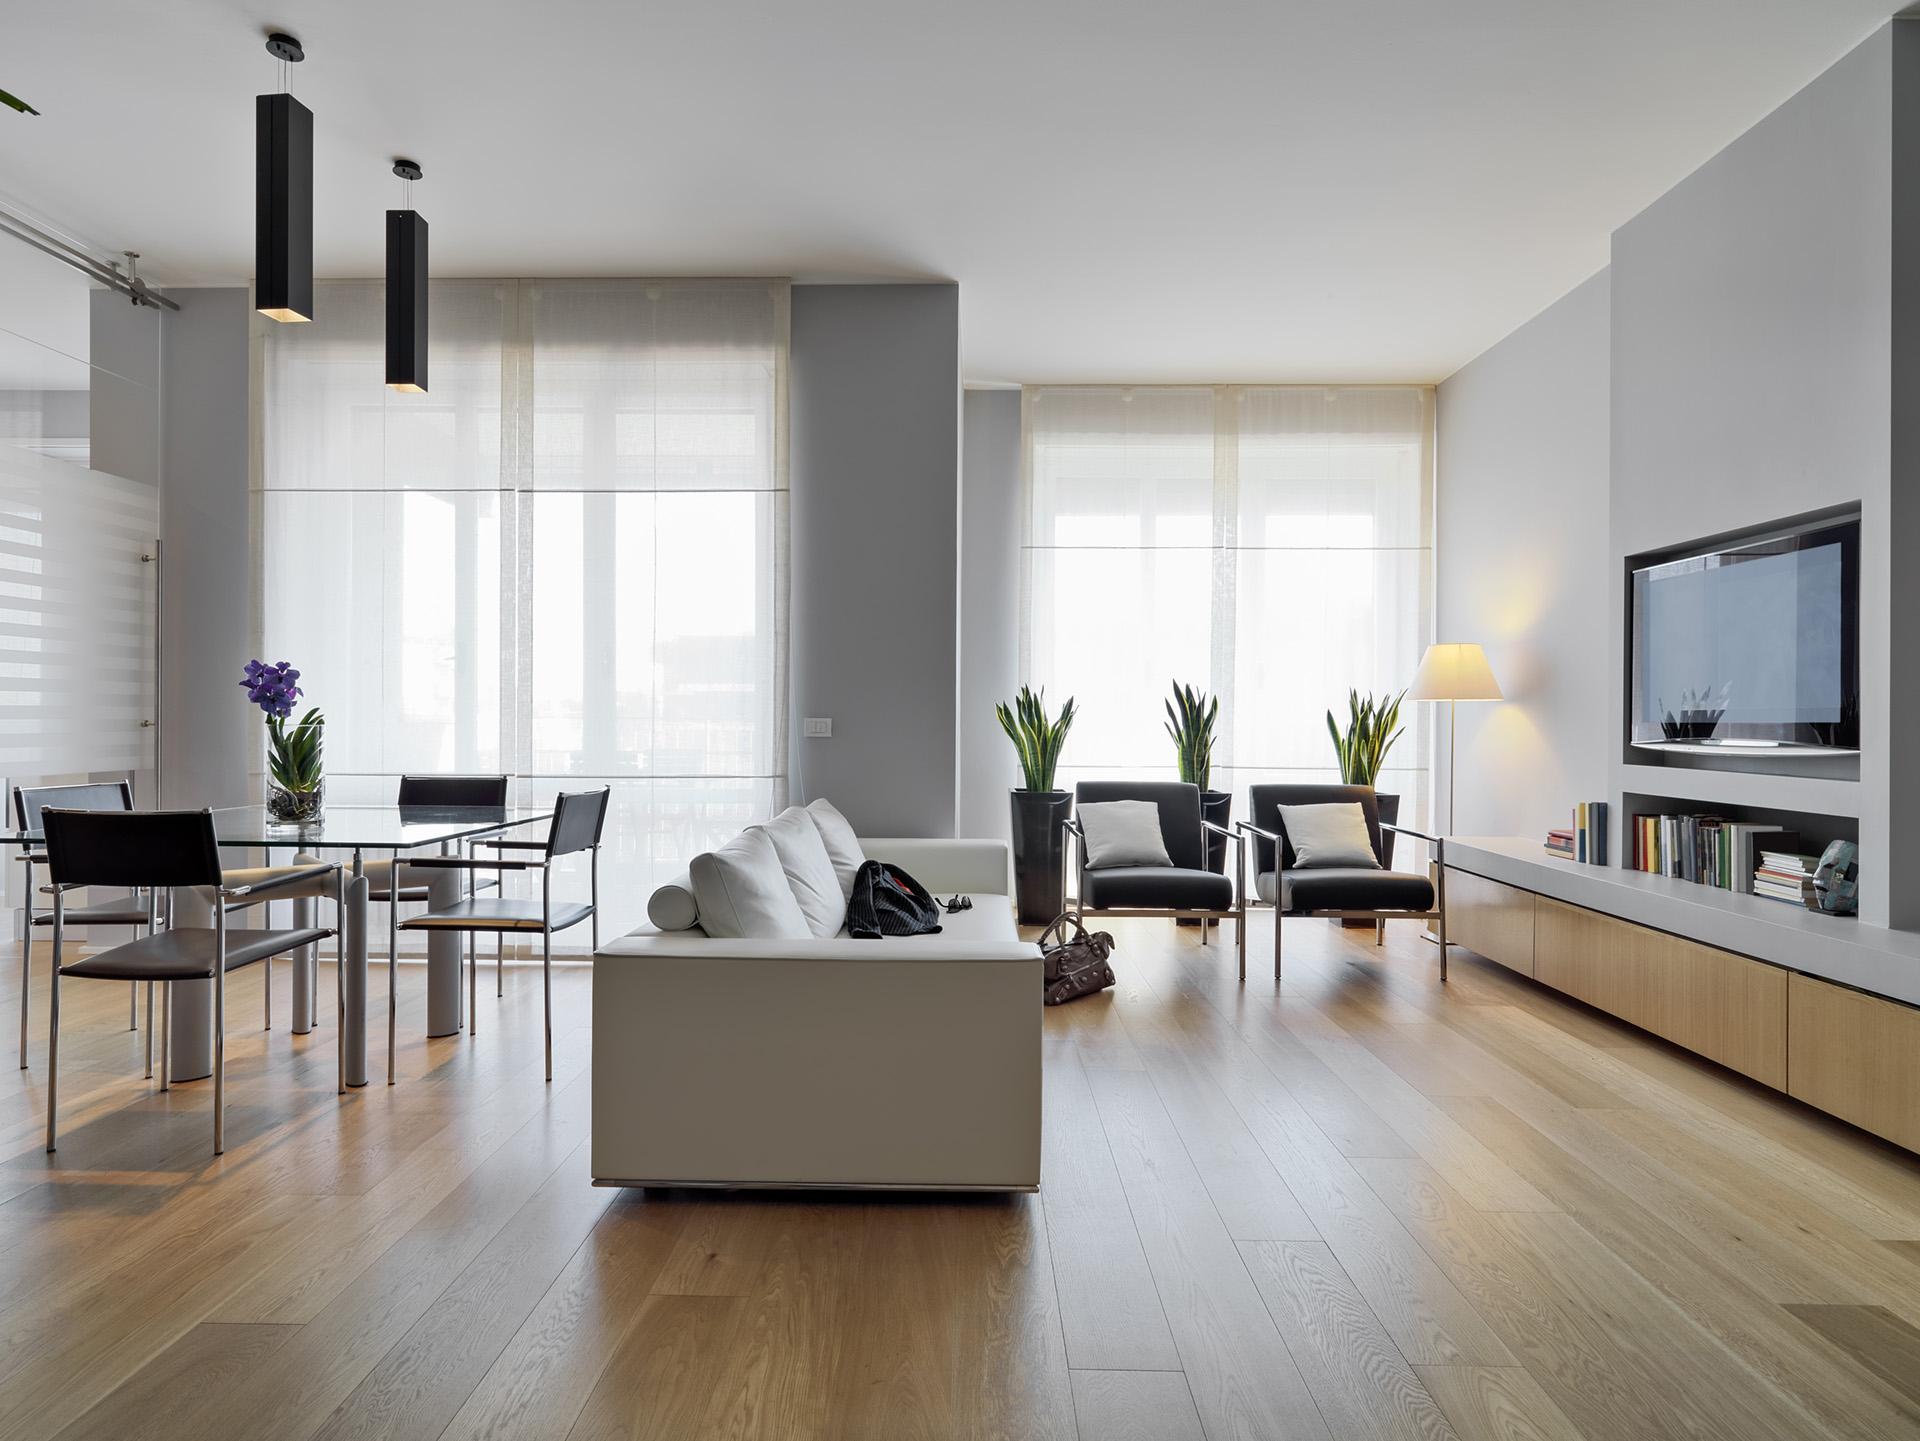 Tu suelo de madera sin ara azos ni manchas droguer a consum for Casa moderna que es